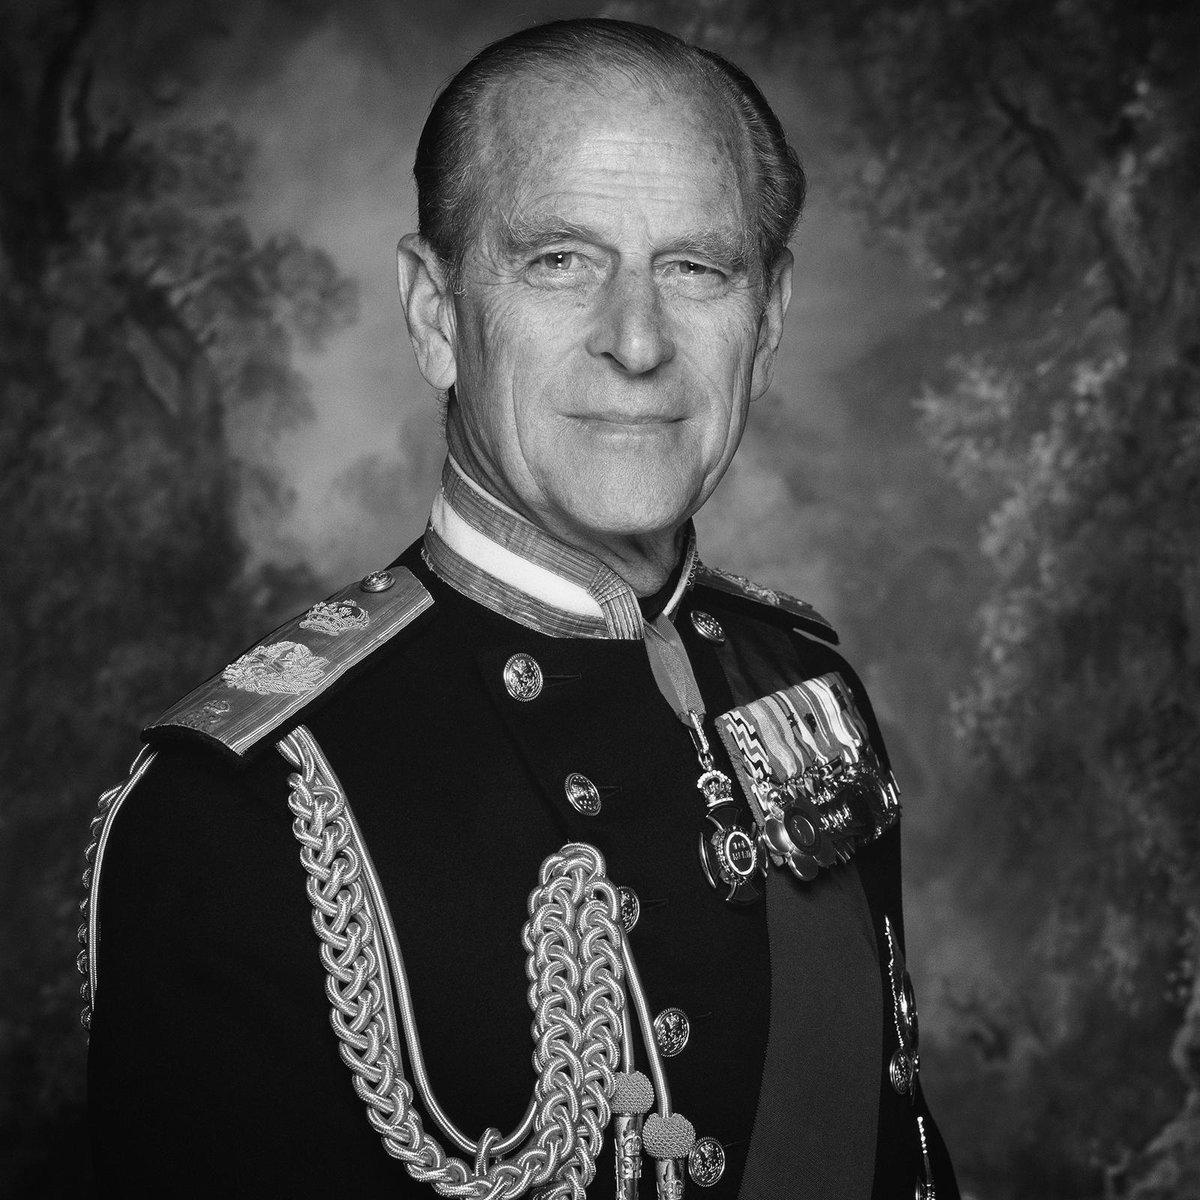 Муж британской королевы Елизаветы II, принц Филипп, умер на 100-м году жизни — фото 1